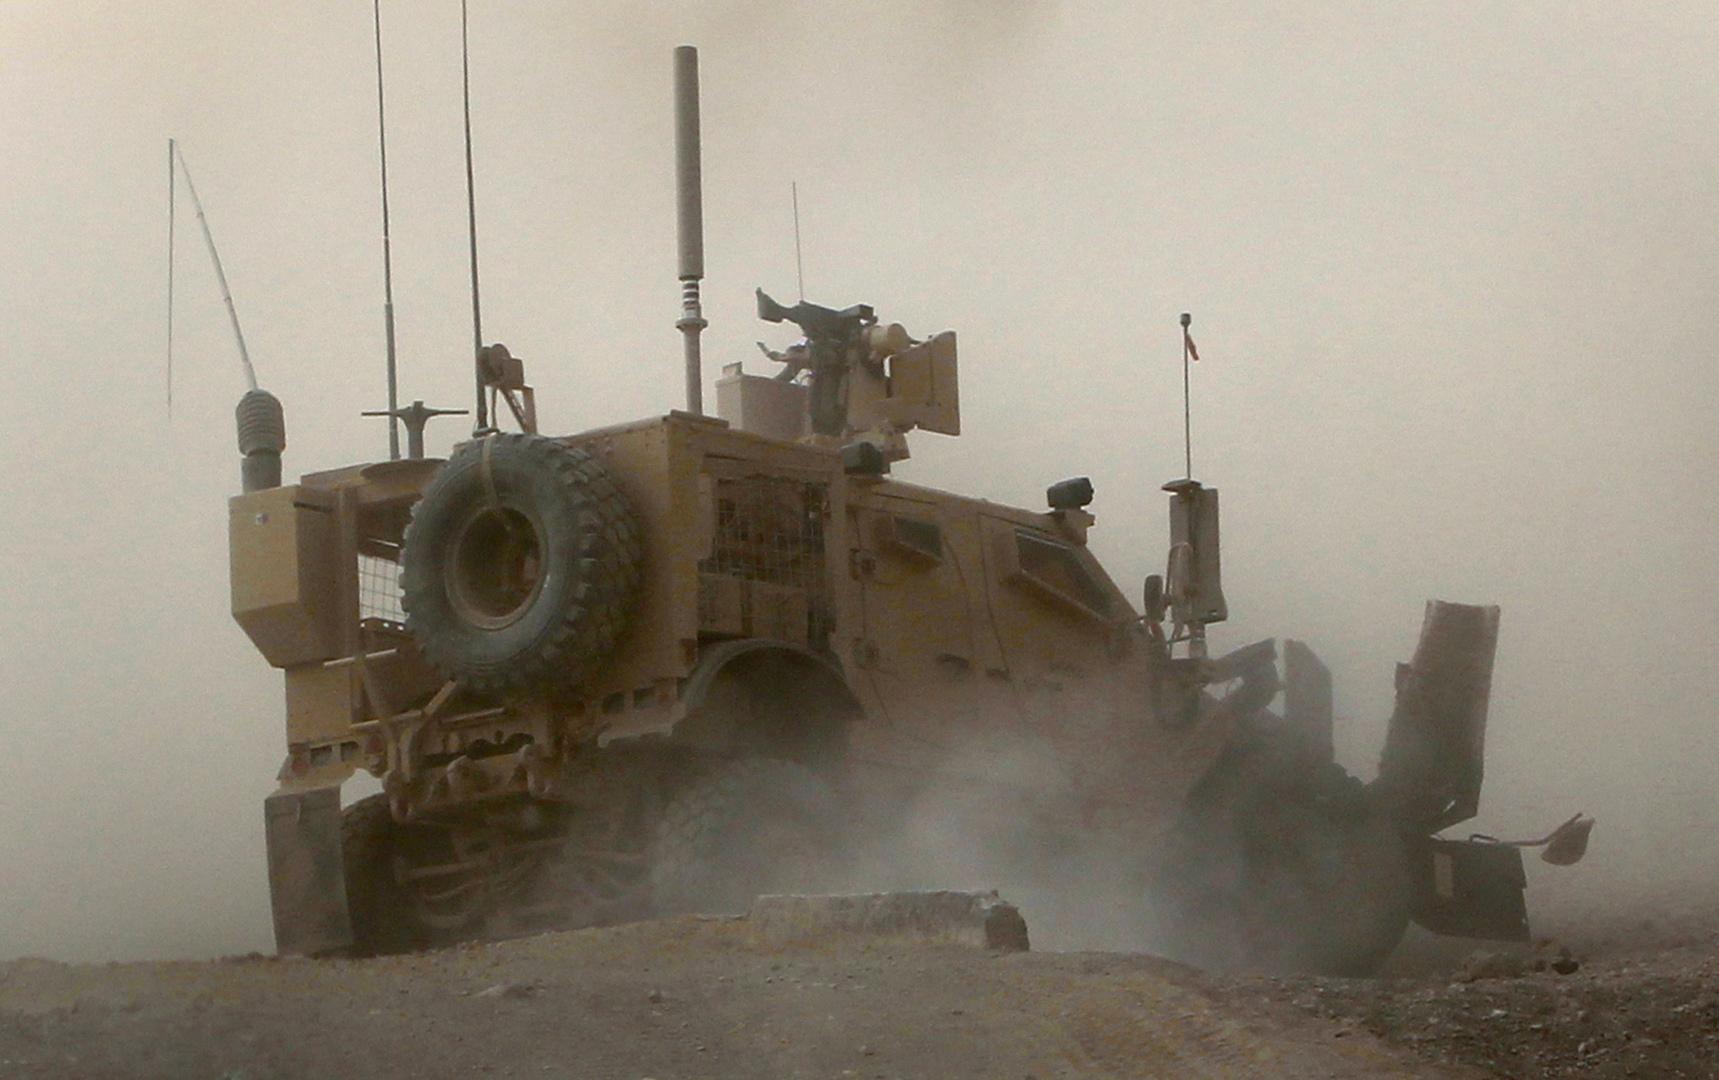 الأسلحة التي تركتها الولايات المتحدة في أفغانستان تقدر قيمتها بـ85 مليار دولار